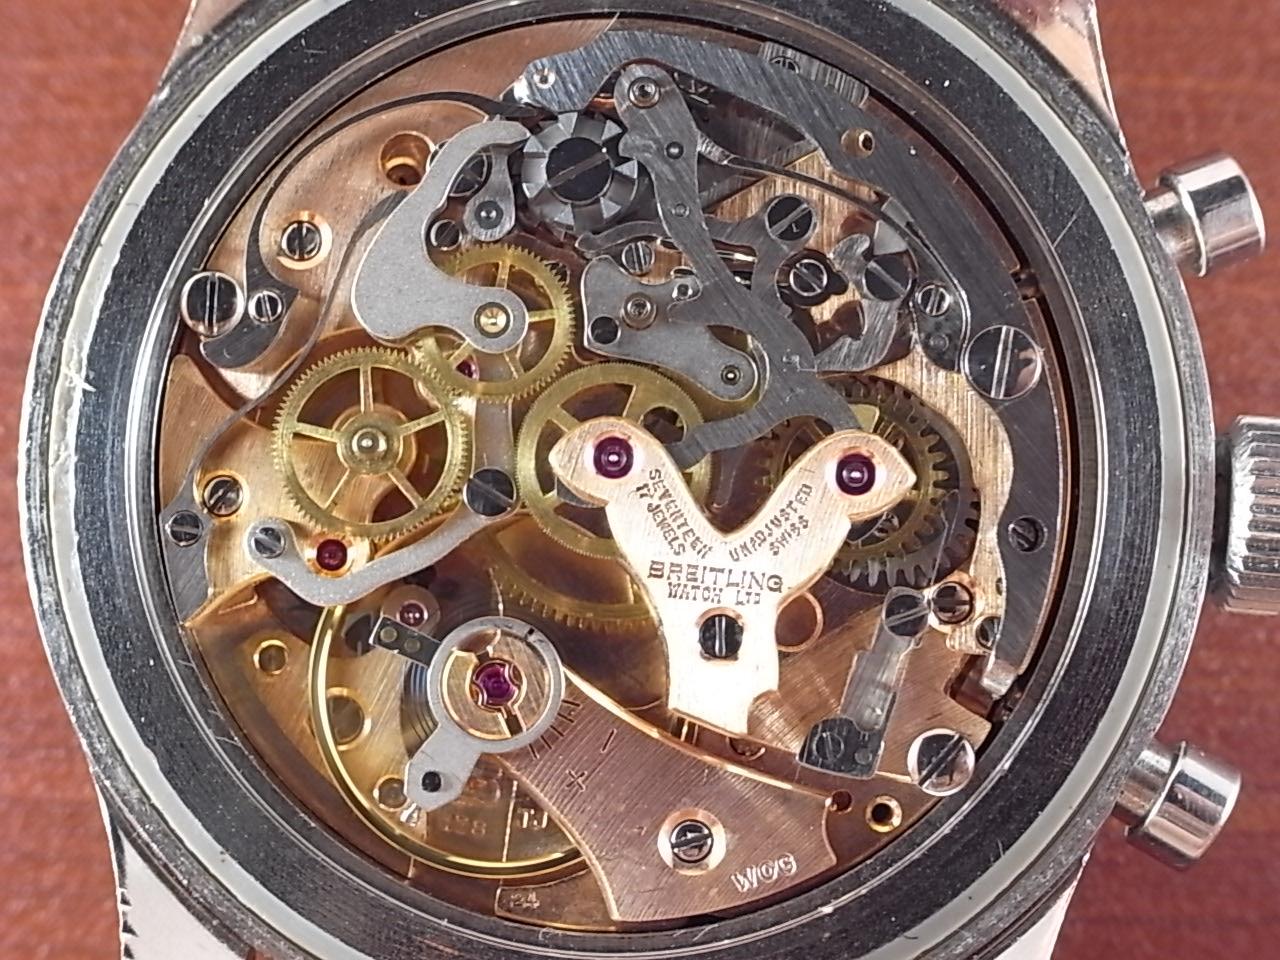 ブライトリング コスモノート ナビタイマー 24時間時計 1960年代の写真5枚目